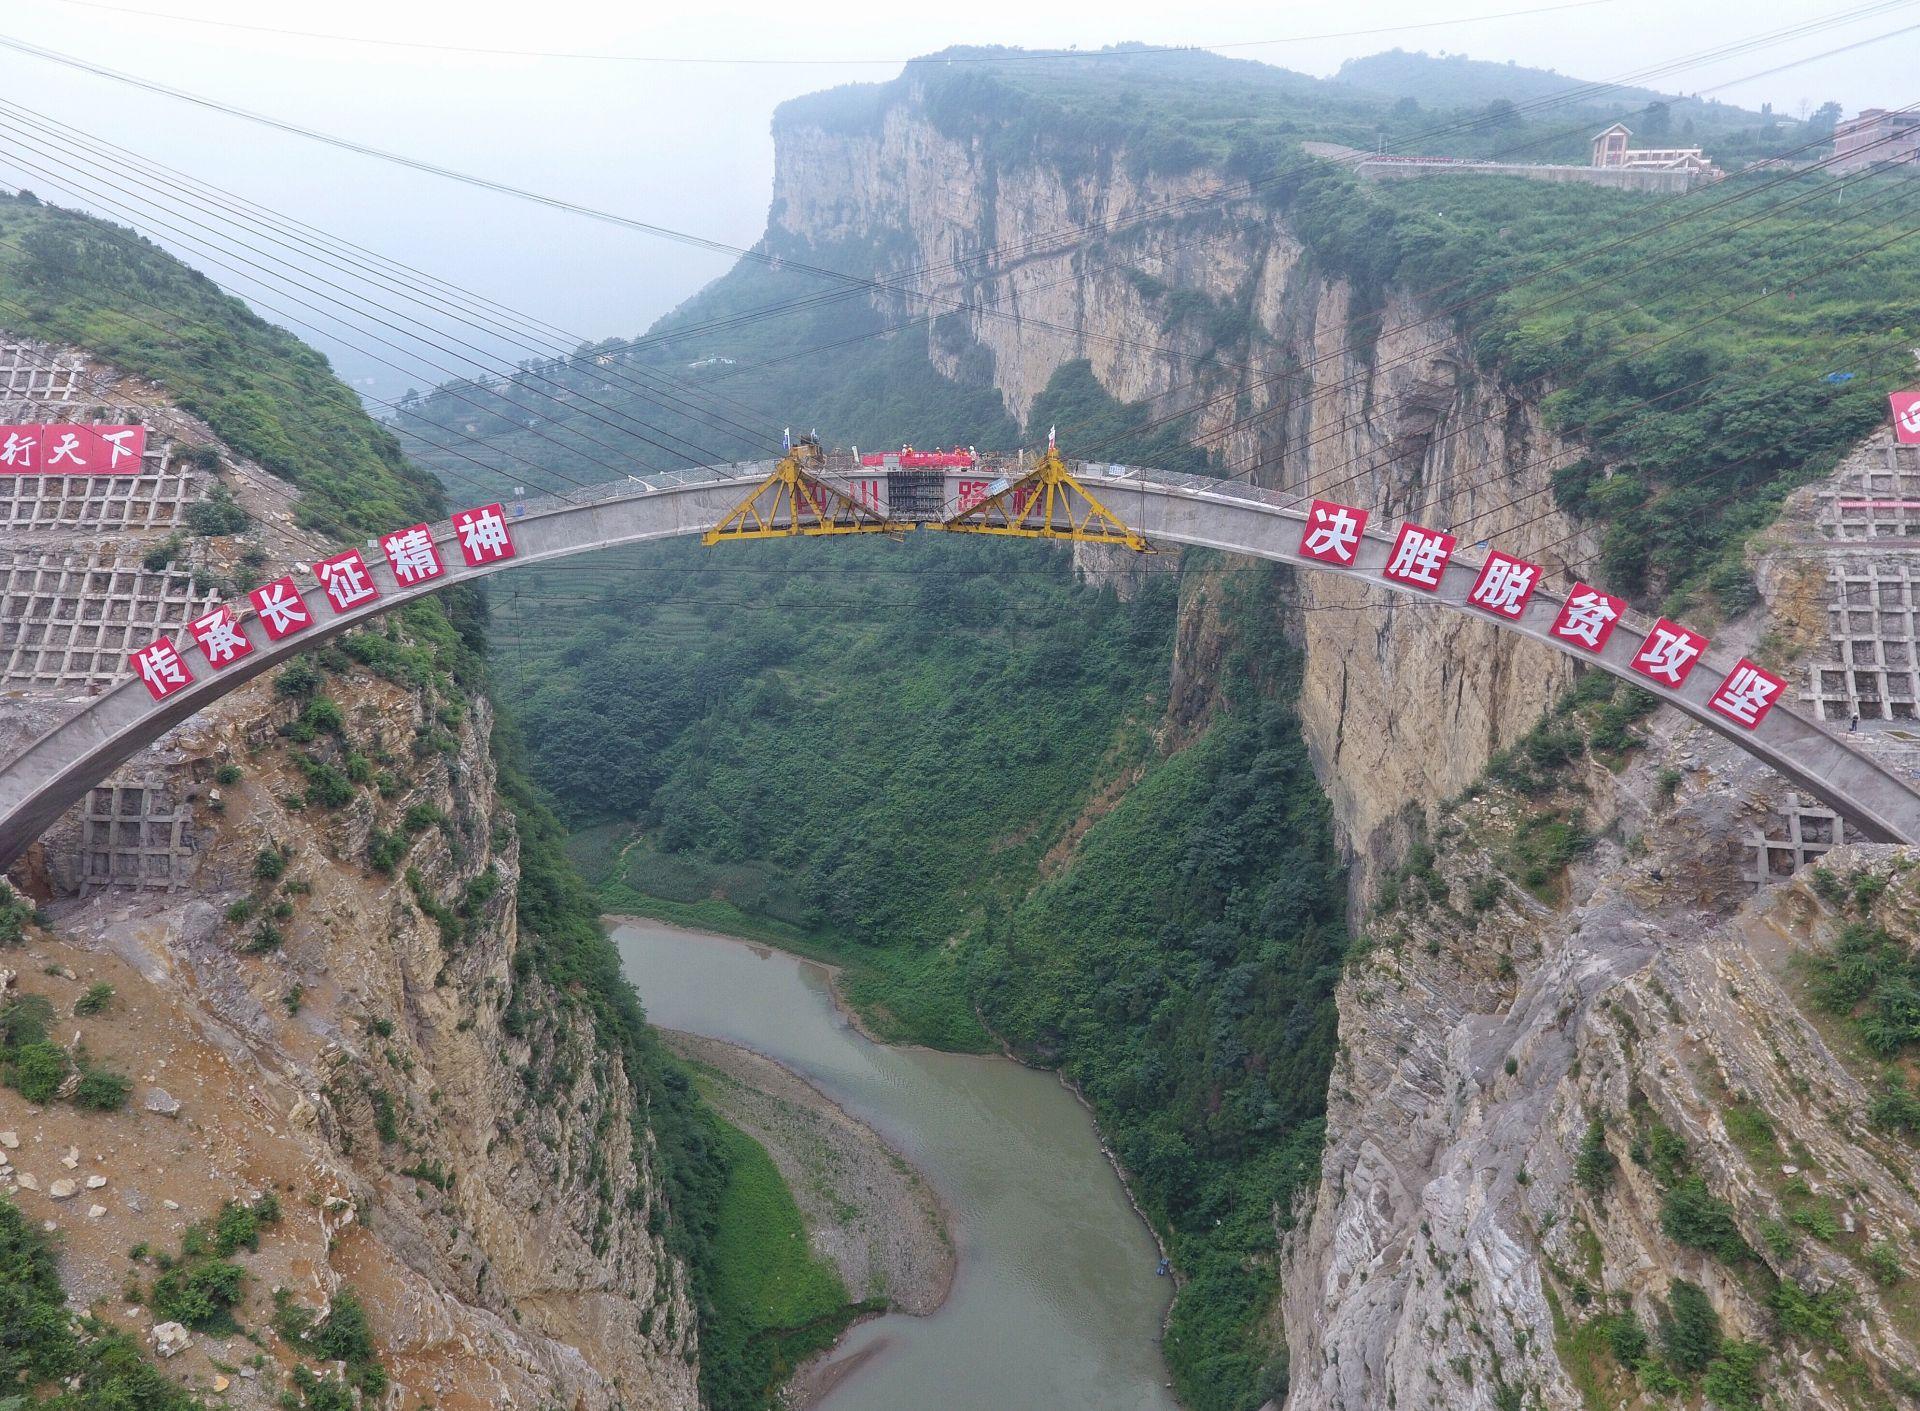 正在进行主拱圈合龙施工的鸡鸣三省大桥(新华社)